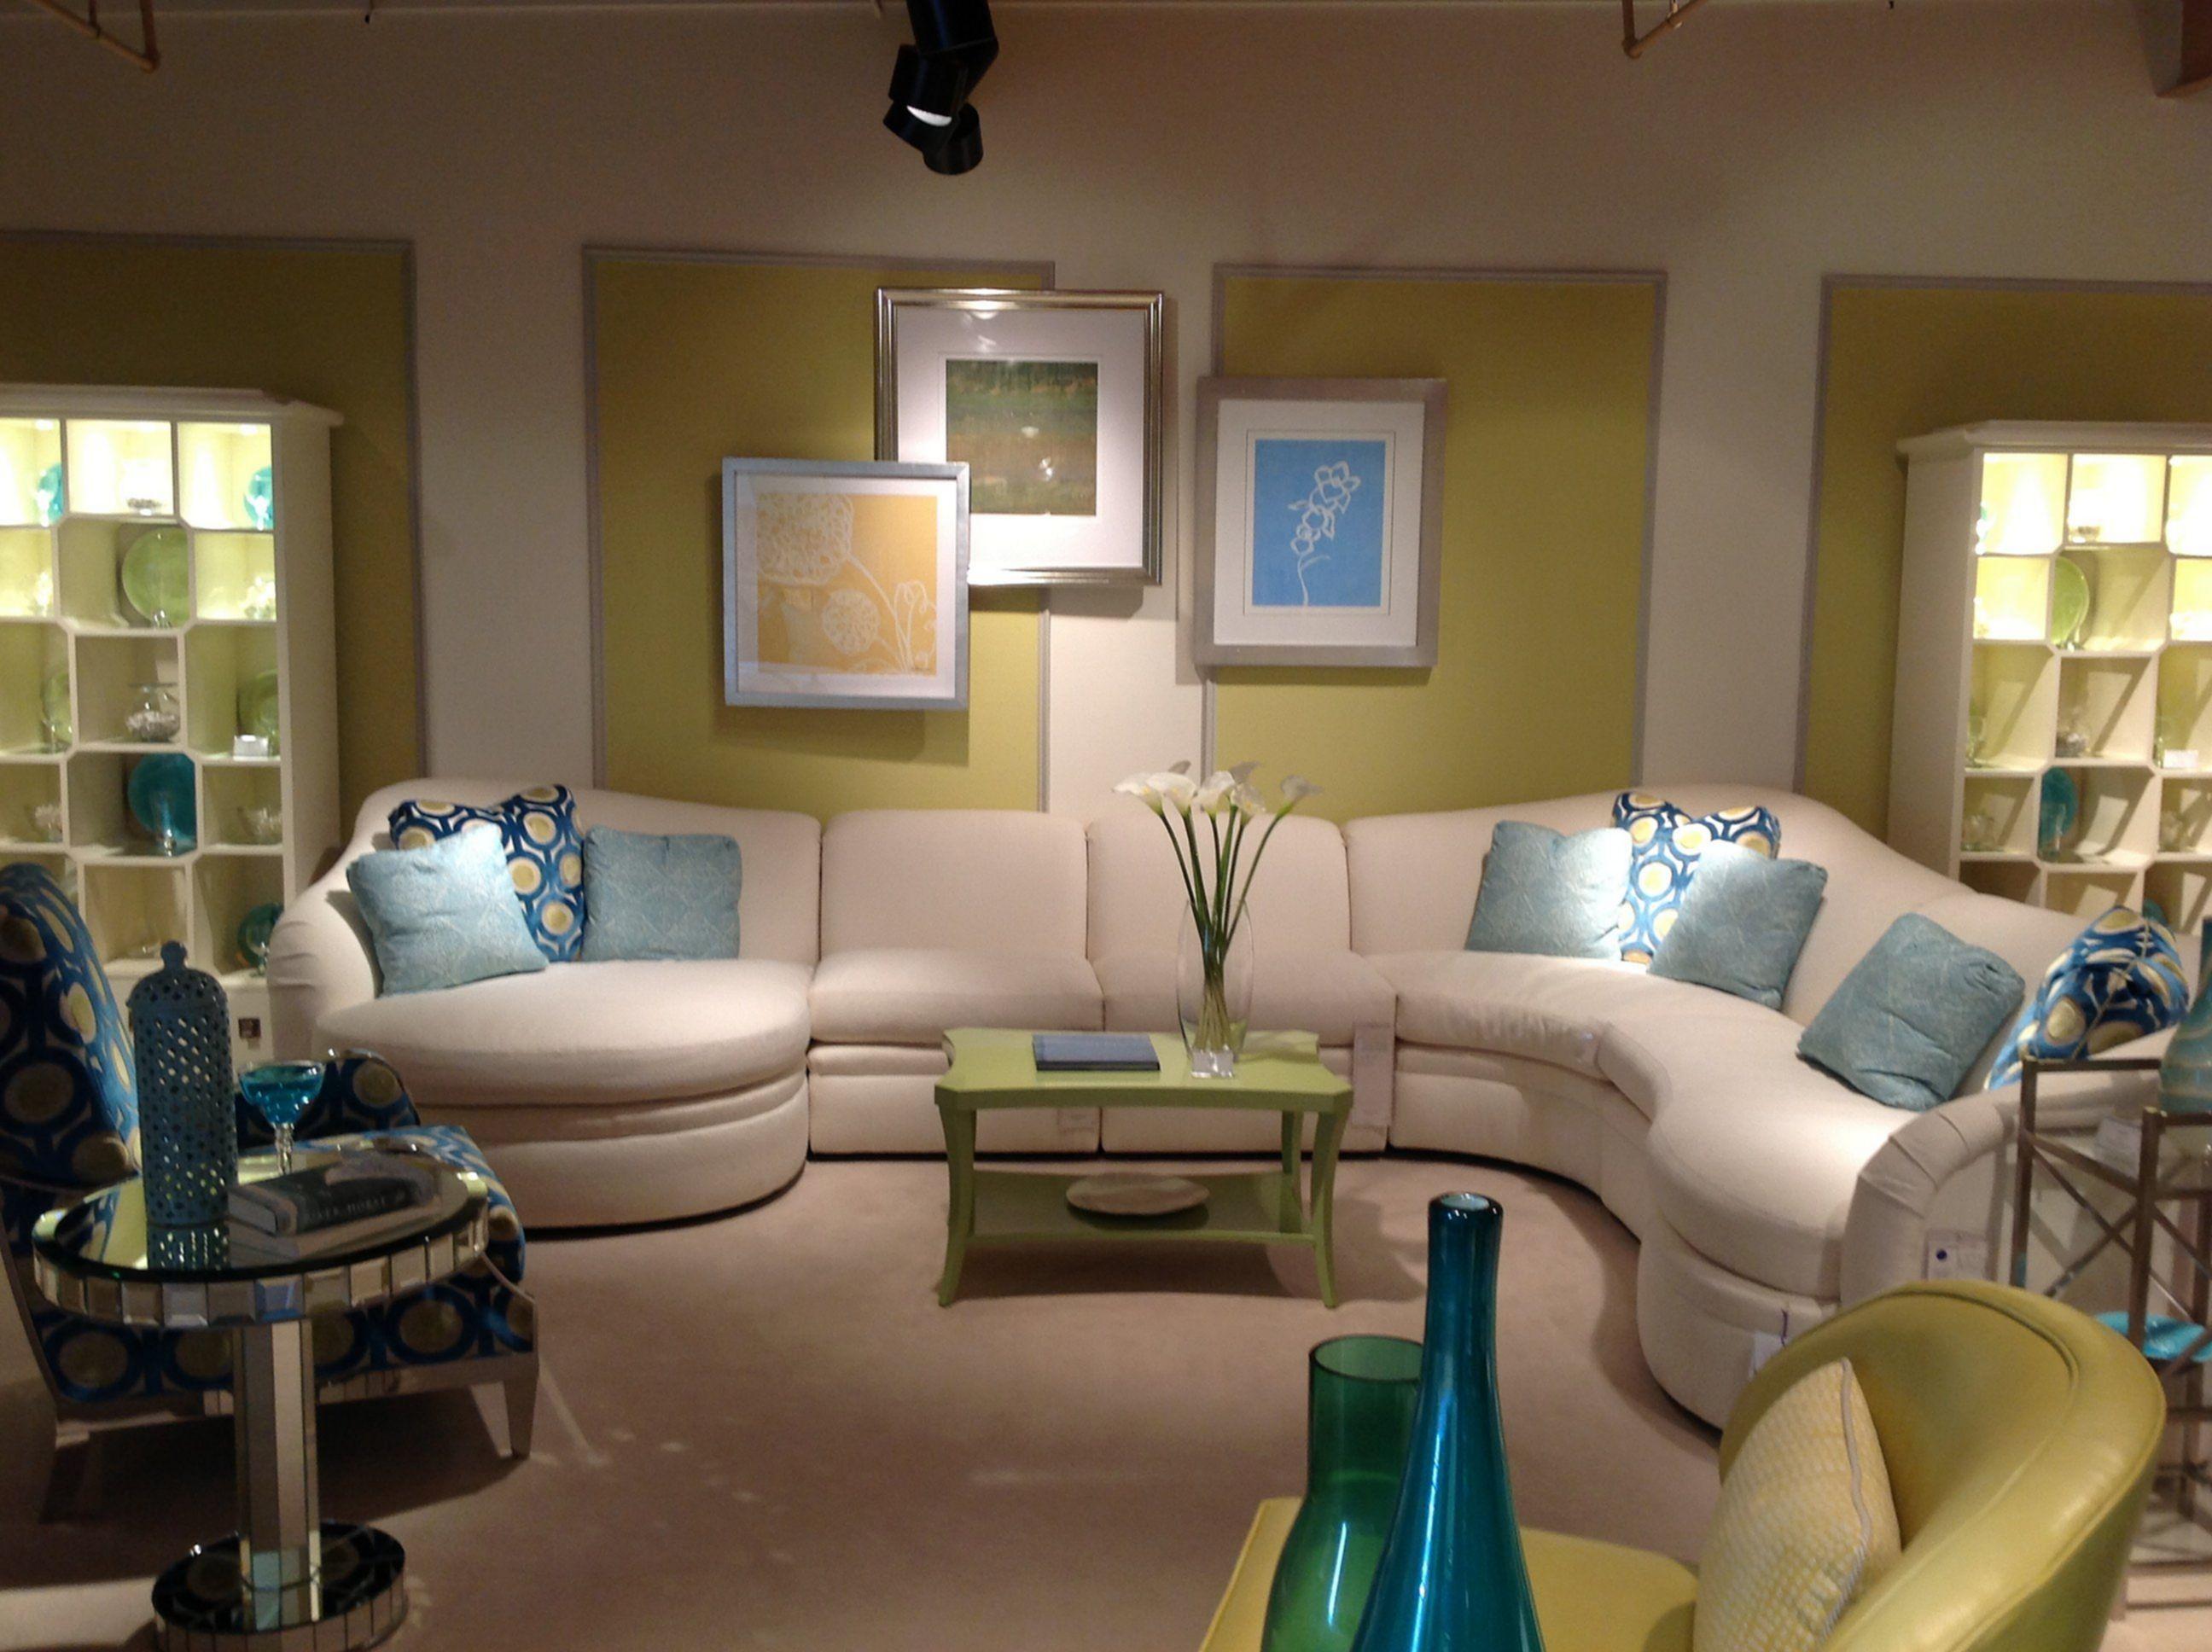 25 Impressive Asymmetrical Interior Design To Make Your Home More